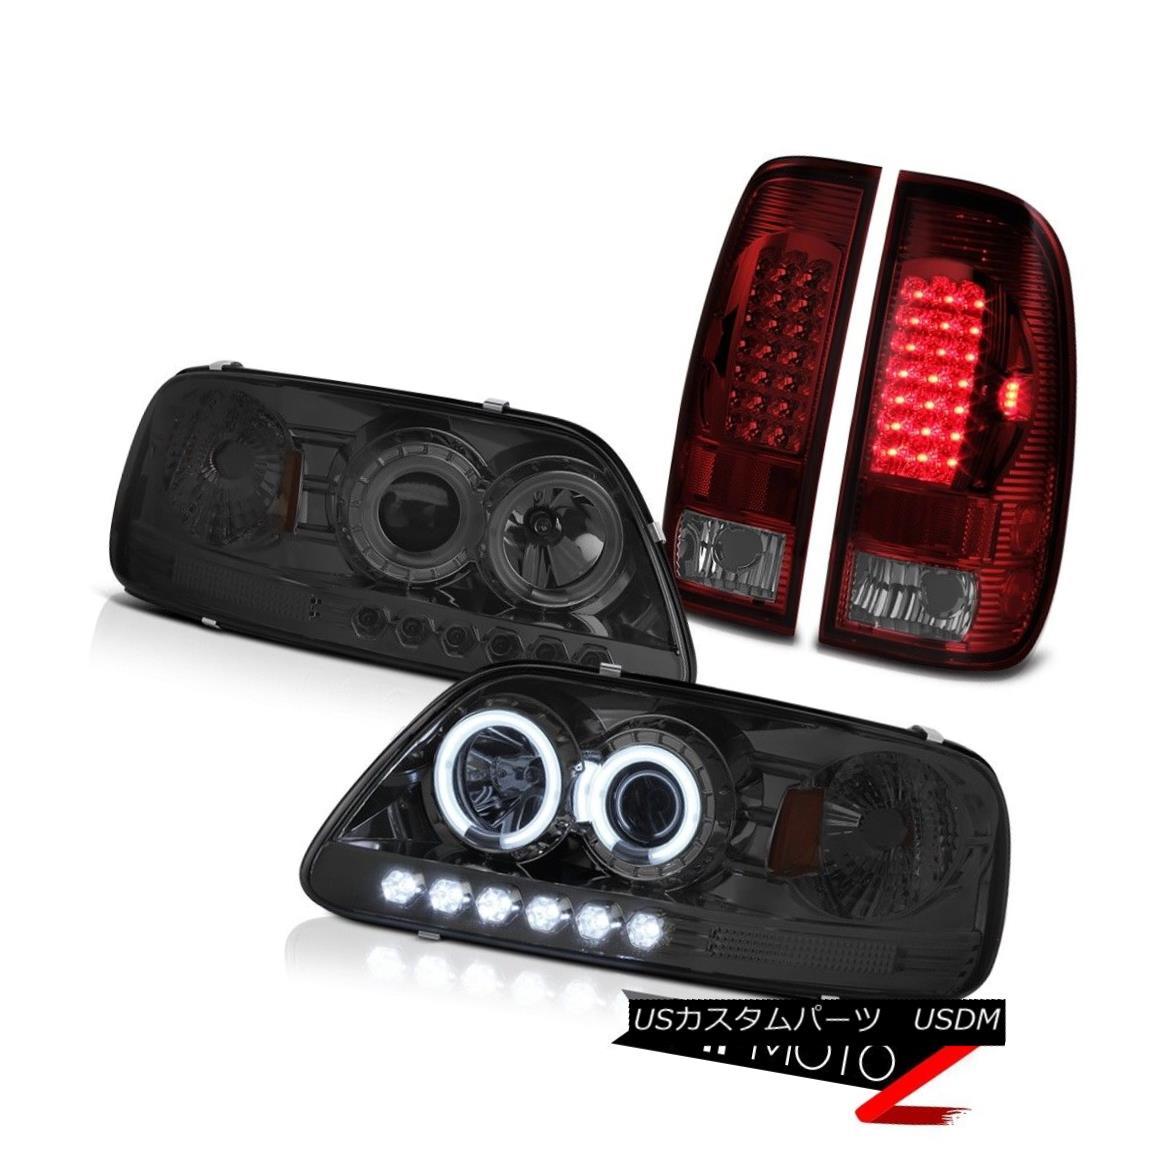 テールライト F150 4.2L 1997-2003 Dual CCFL Halo Ring Projector Headlight SMD LED Brake Lamps F150 4.2L 1997-2003デュアルCCFLハローリングプロジェクターヘッドライトSMD LEDブレーキランプ